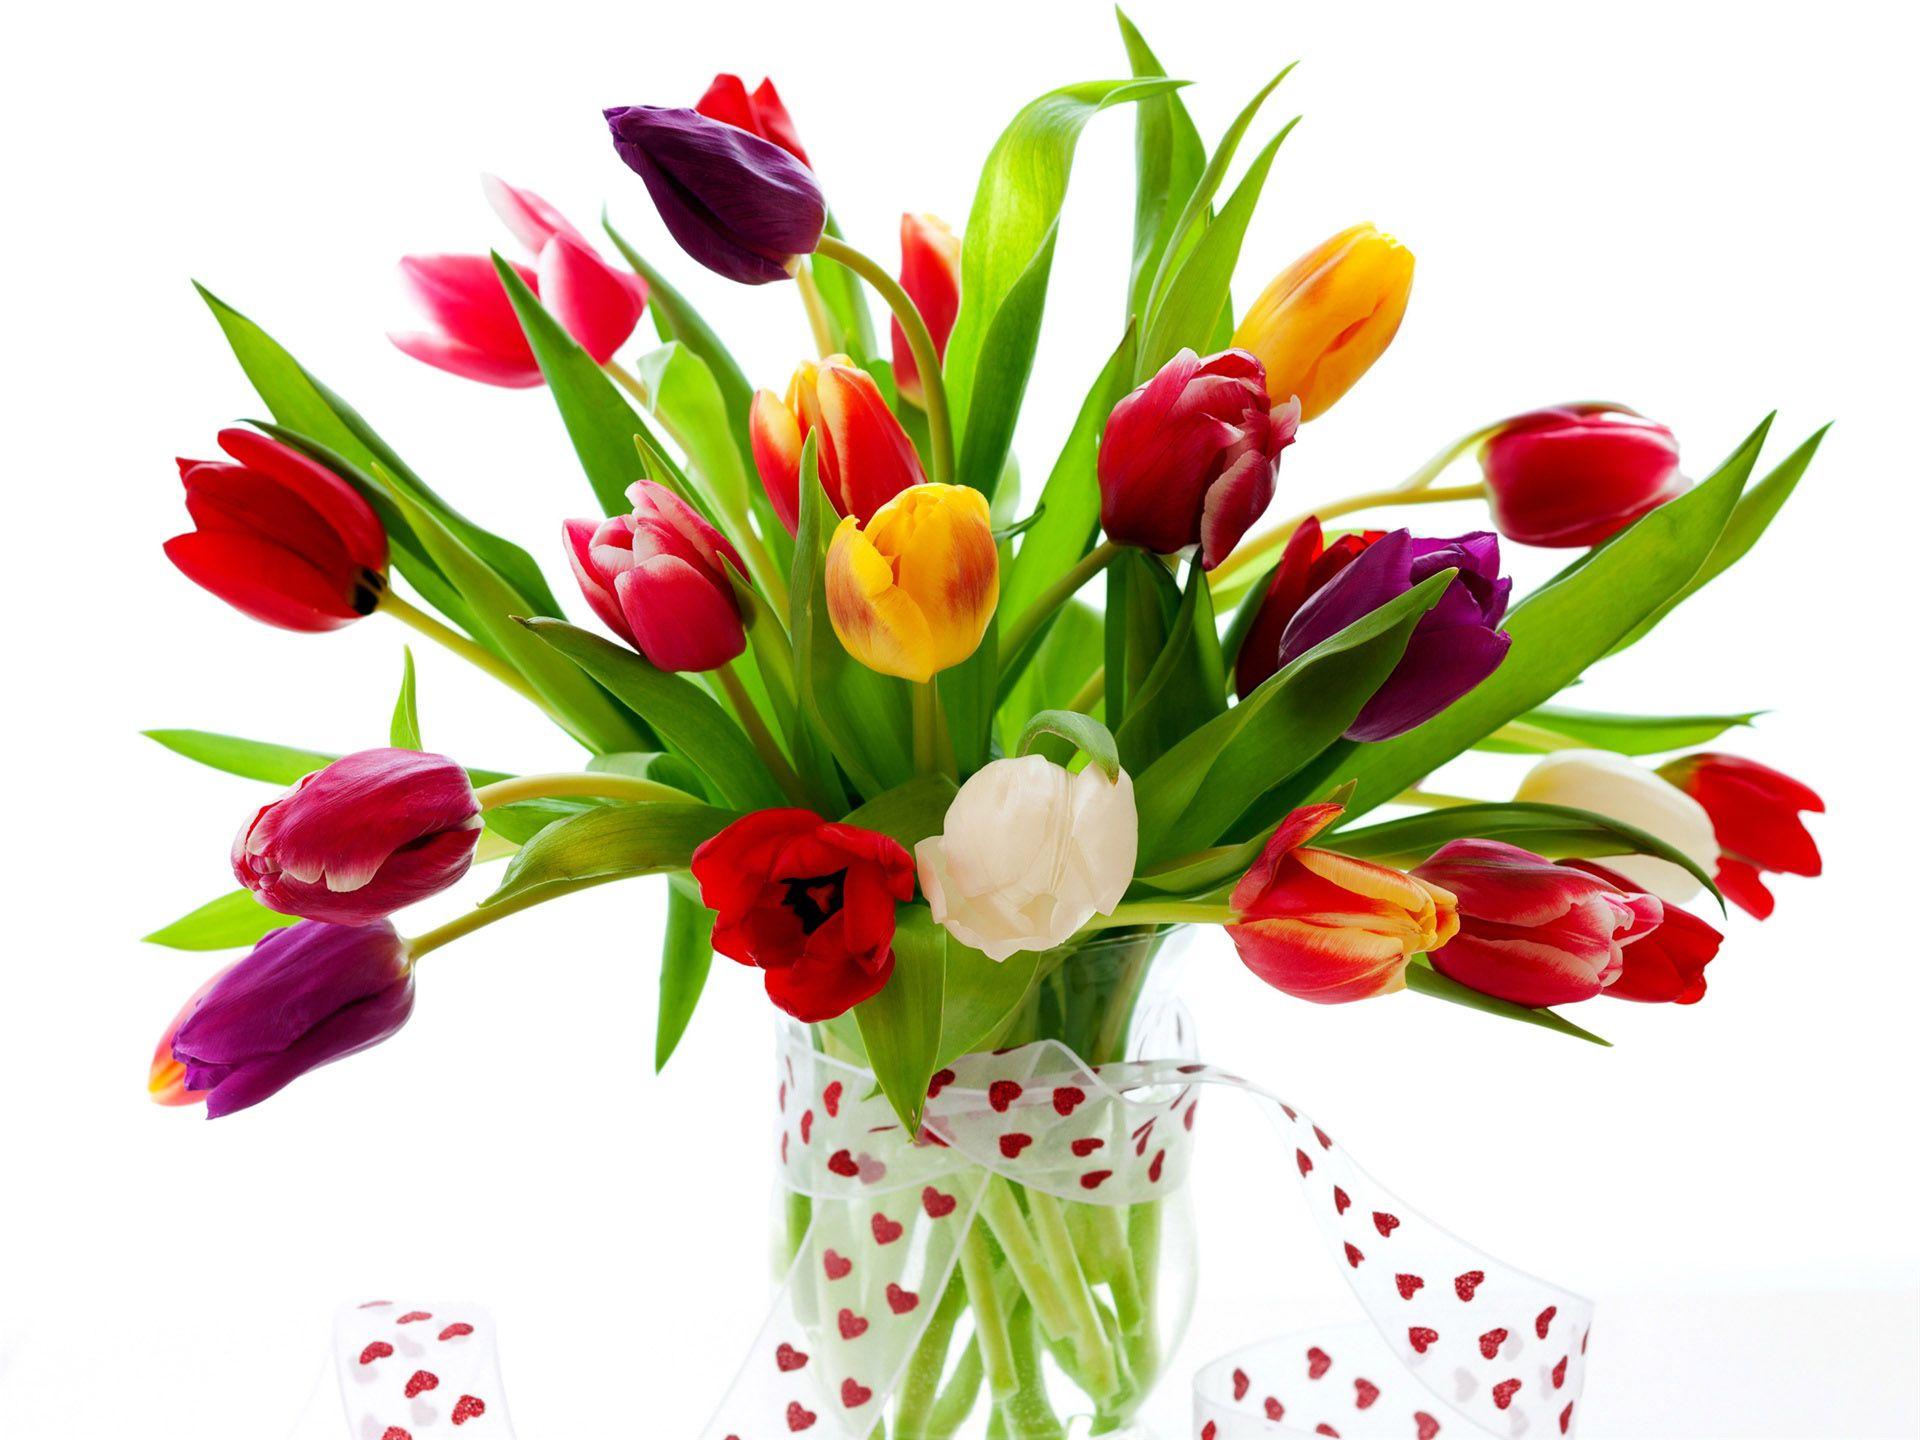 Много тюльпанов, клумбы с тюльпанами